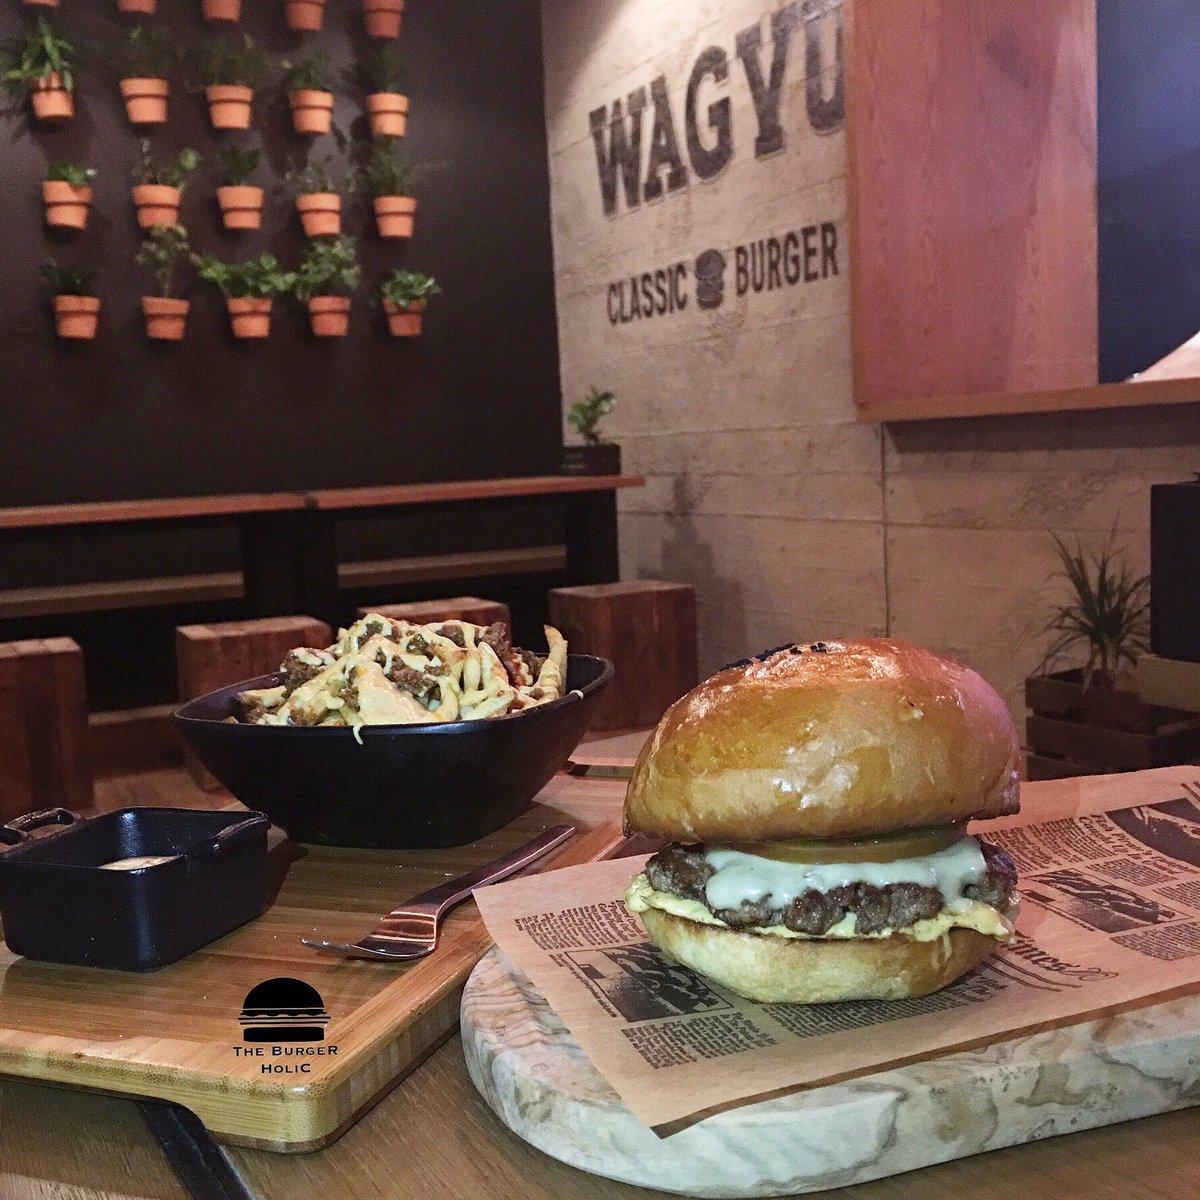 The Burgerholic On Twitter من زيارتي أمس لمطعم واقيو الجديد في الرياض وتجربة برقر لحم الواقيو Wagyu Burger مطاعم الرياض